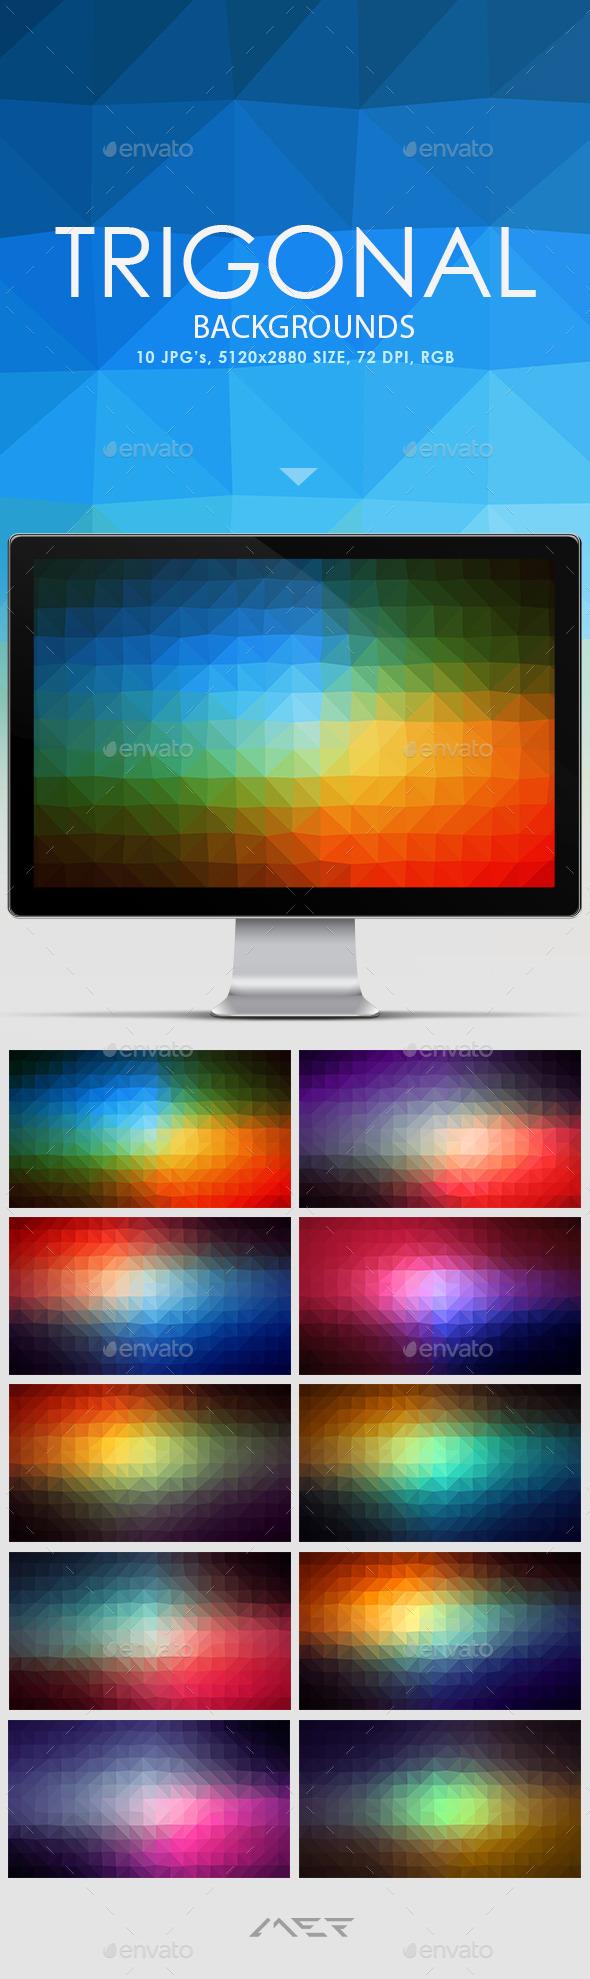 GraphicRiver Trigonal Backgrounds 10607703